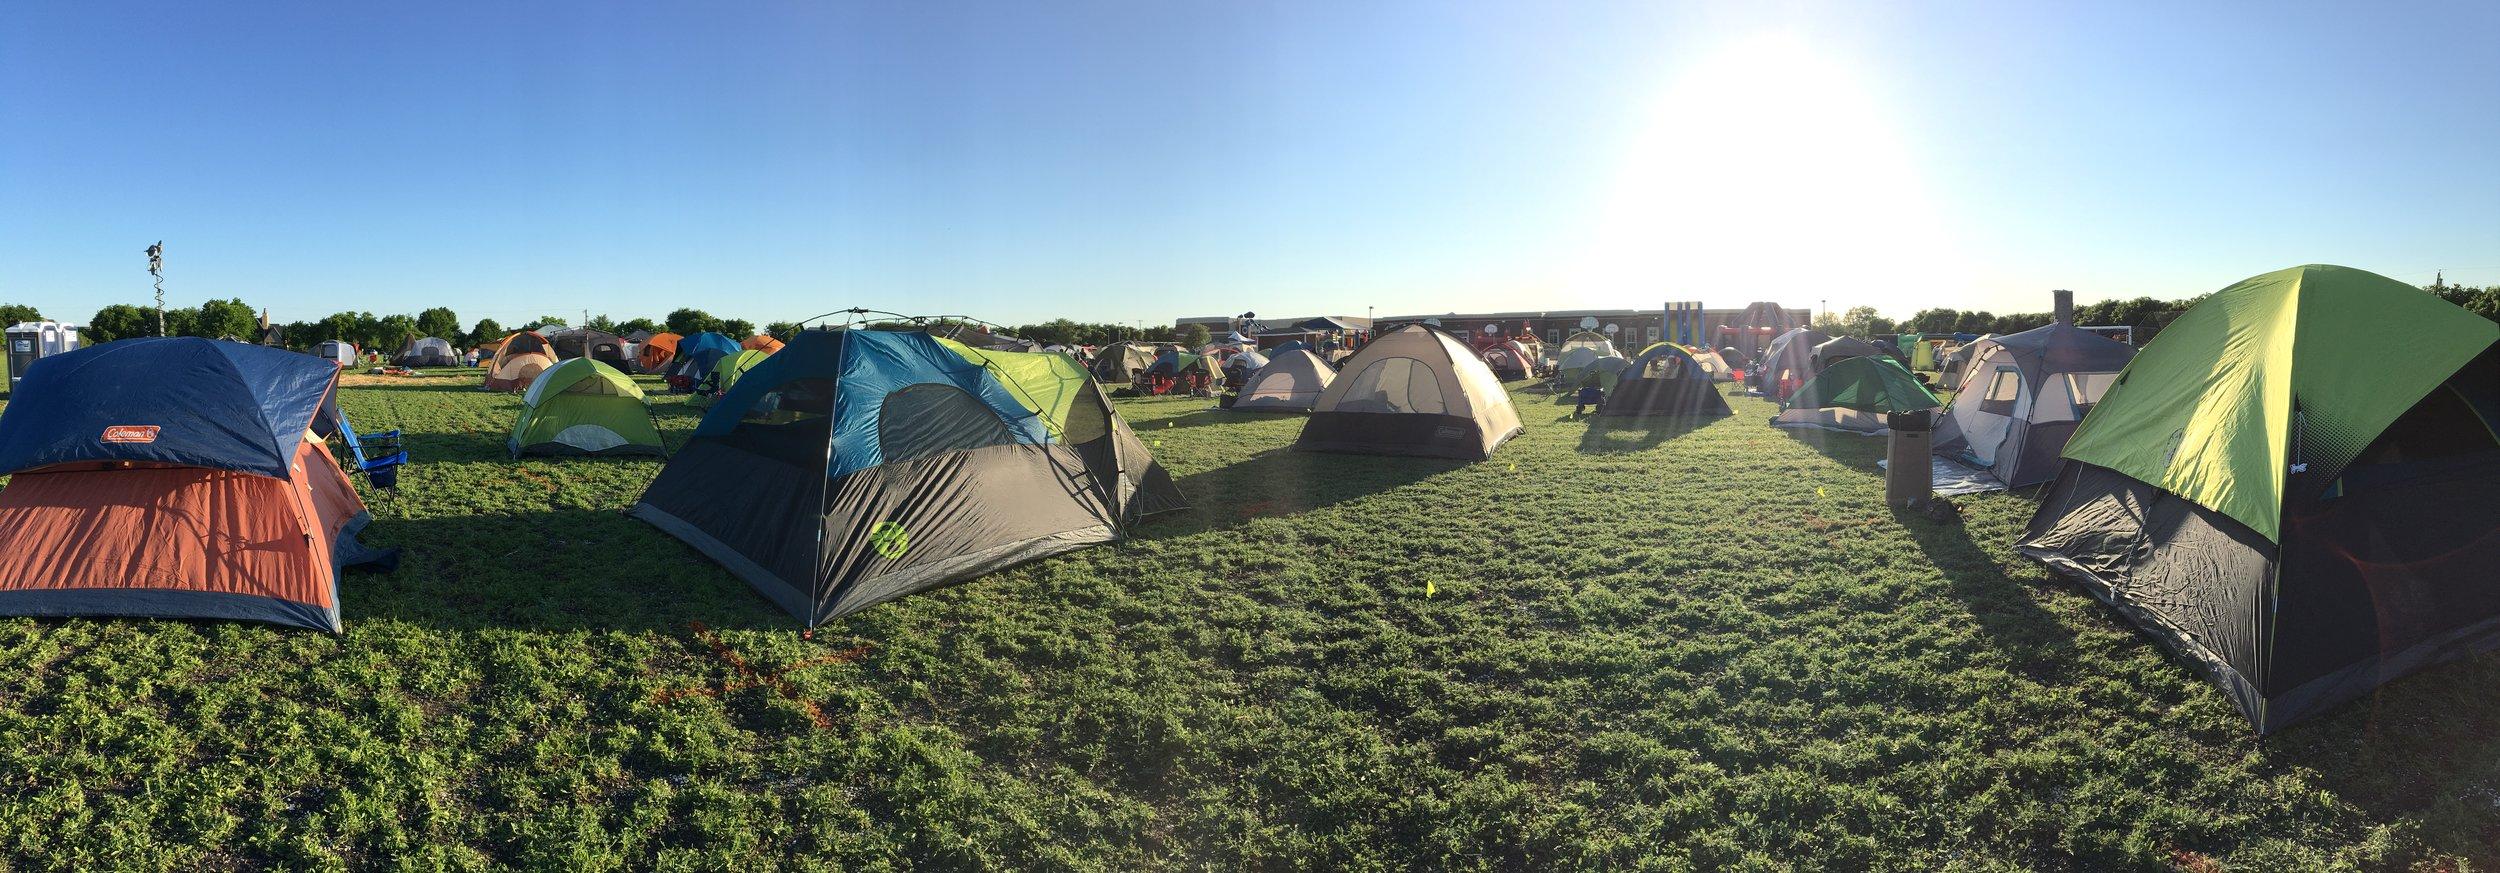 pustercamp tent.JPG